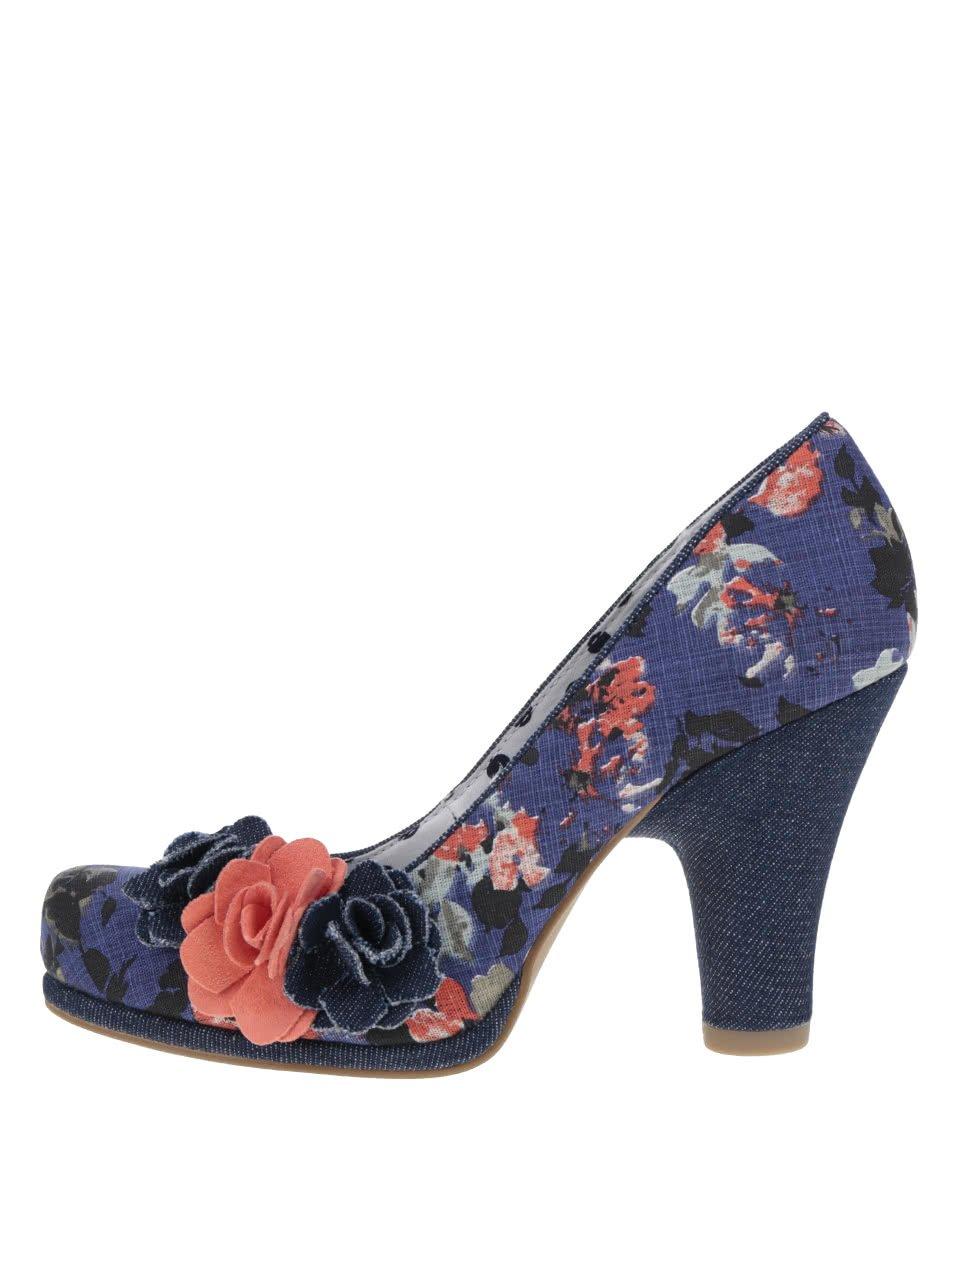 Tmavě modré květované lodičky s ozdobnými květinami Ruby Shoo Eva